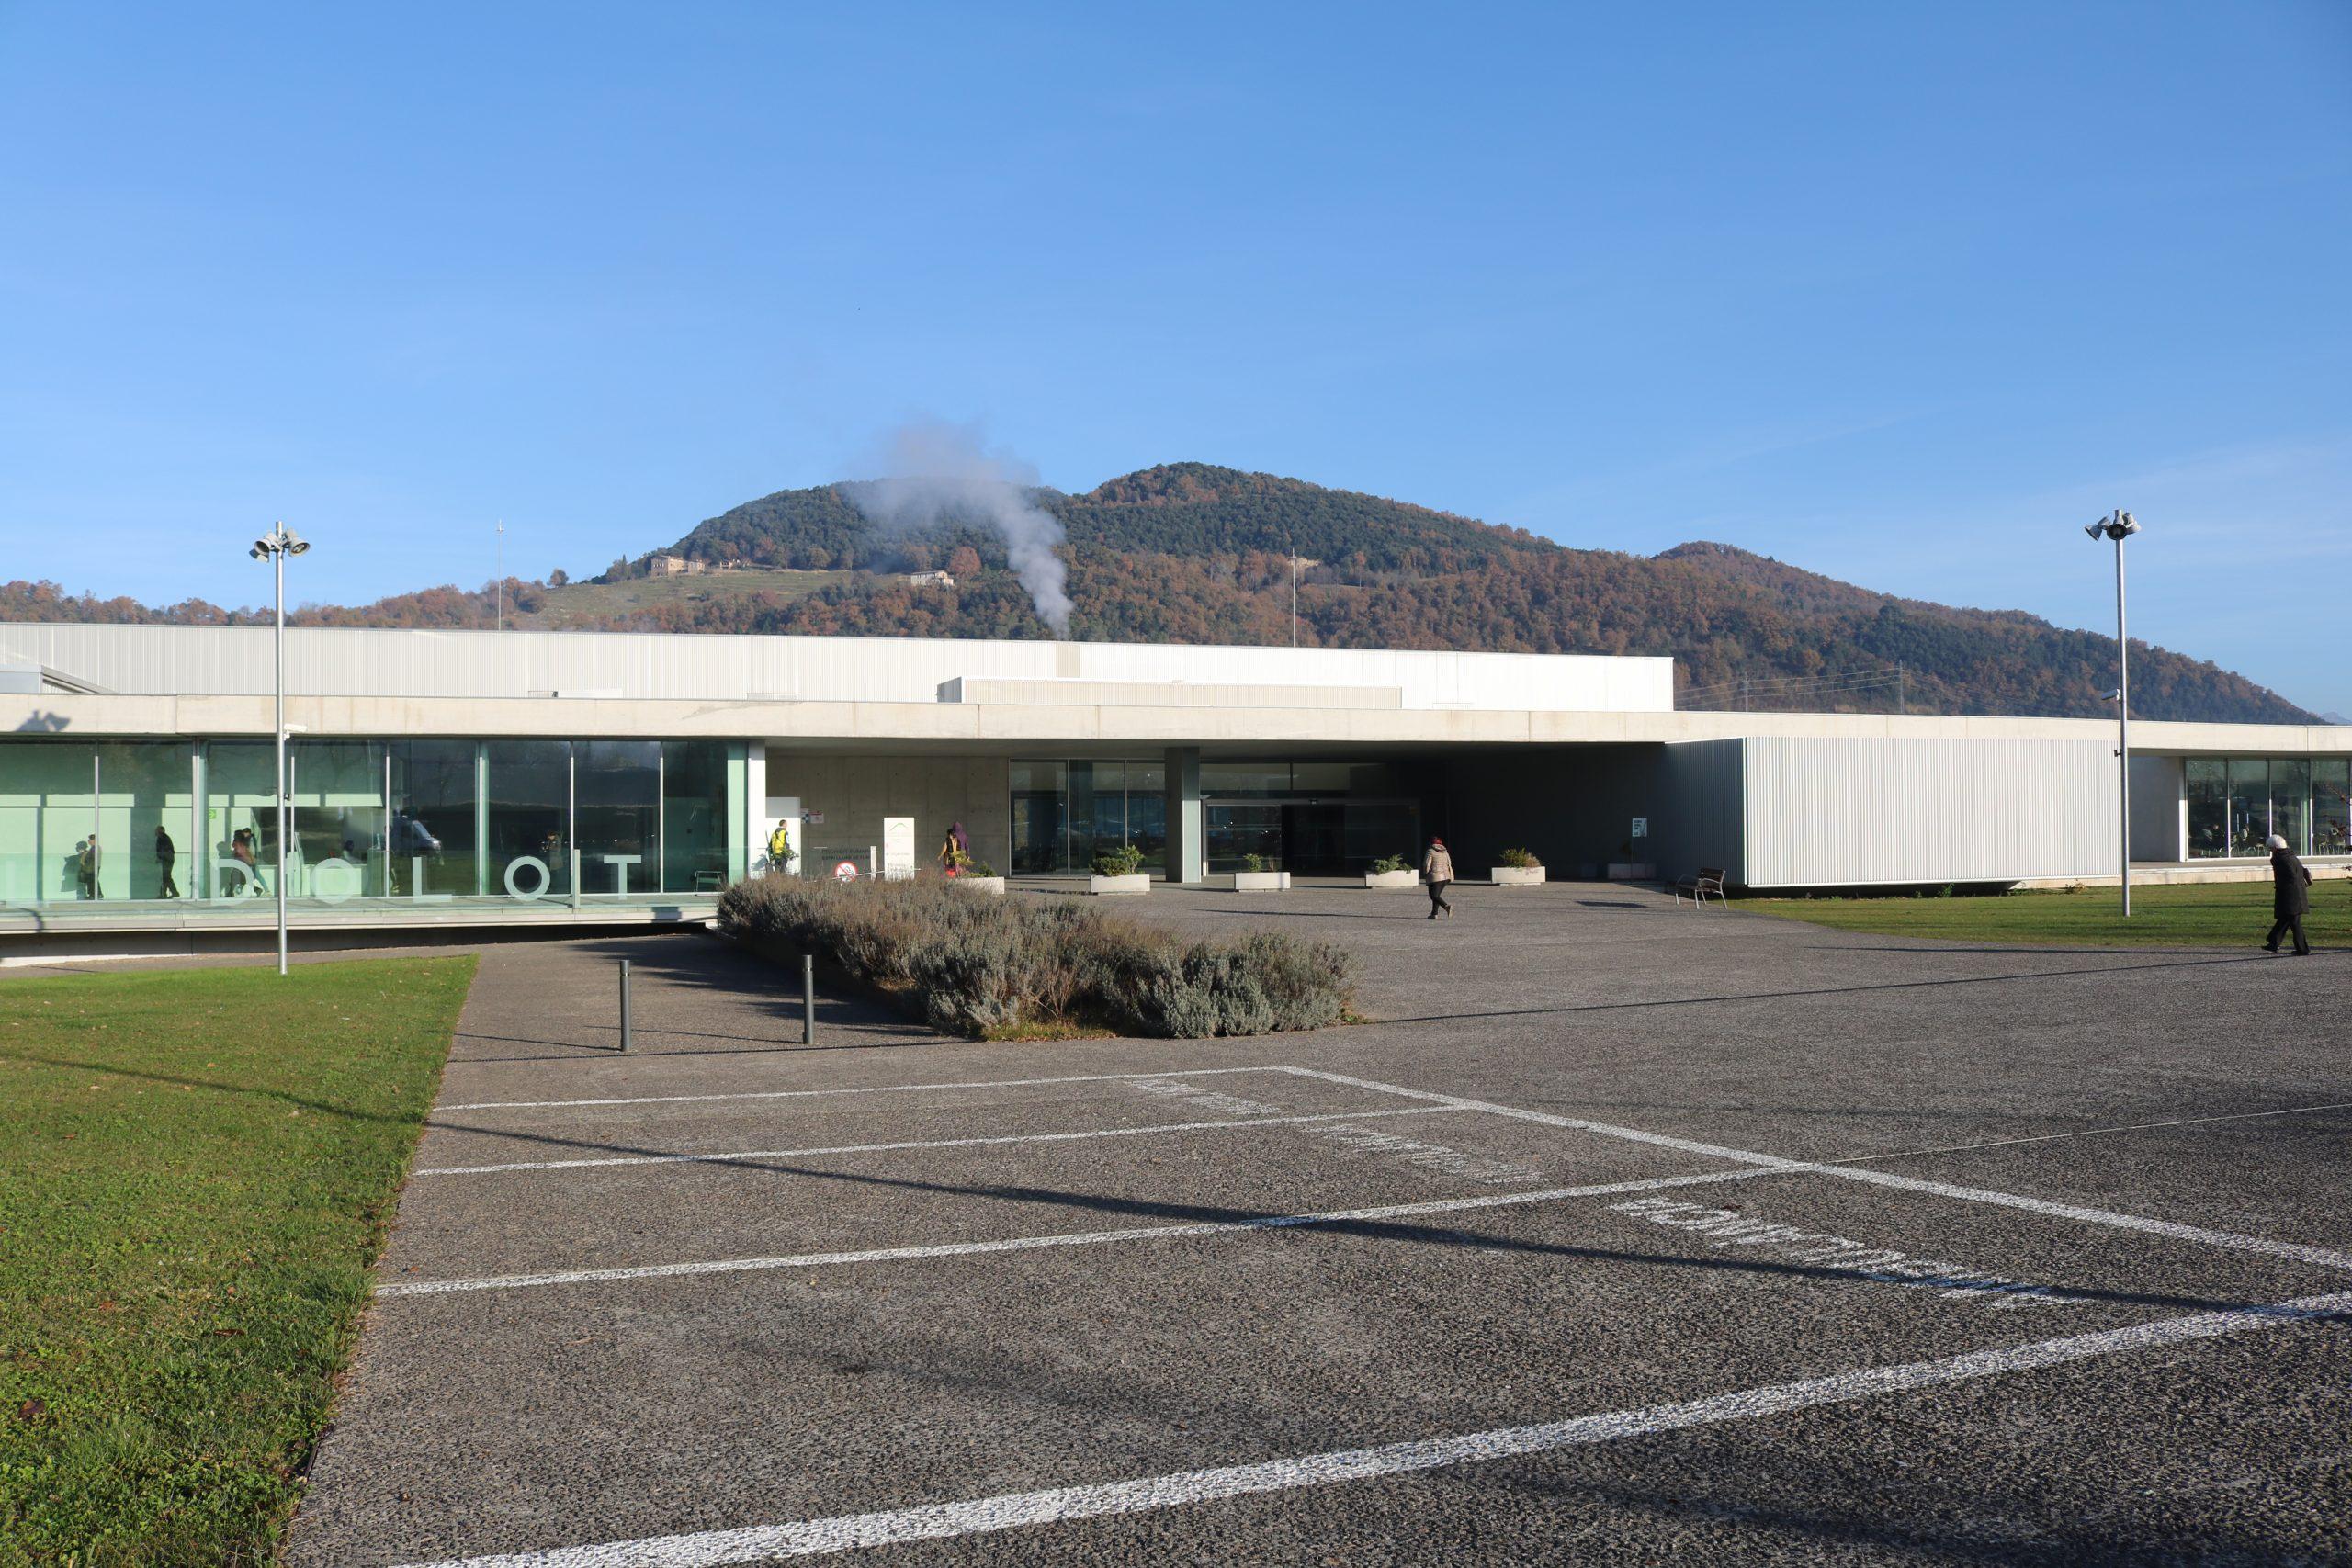 L'Hospital d'Olot extreu amb un mes la meitat de còrnies que tot l'any passat